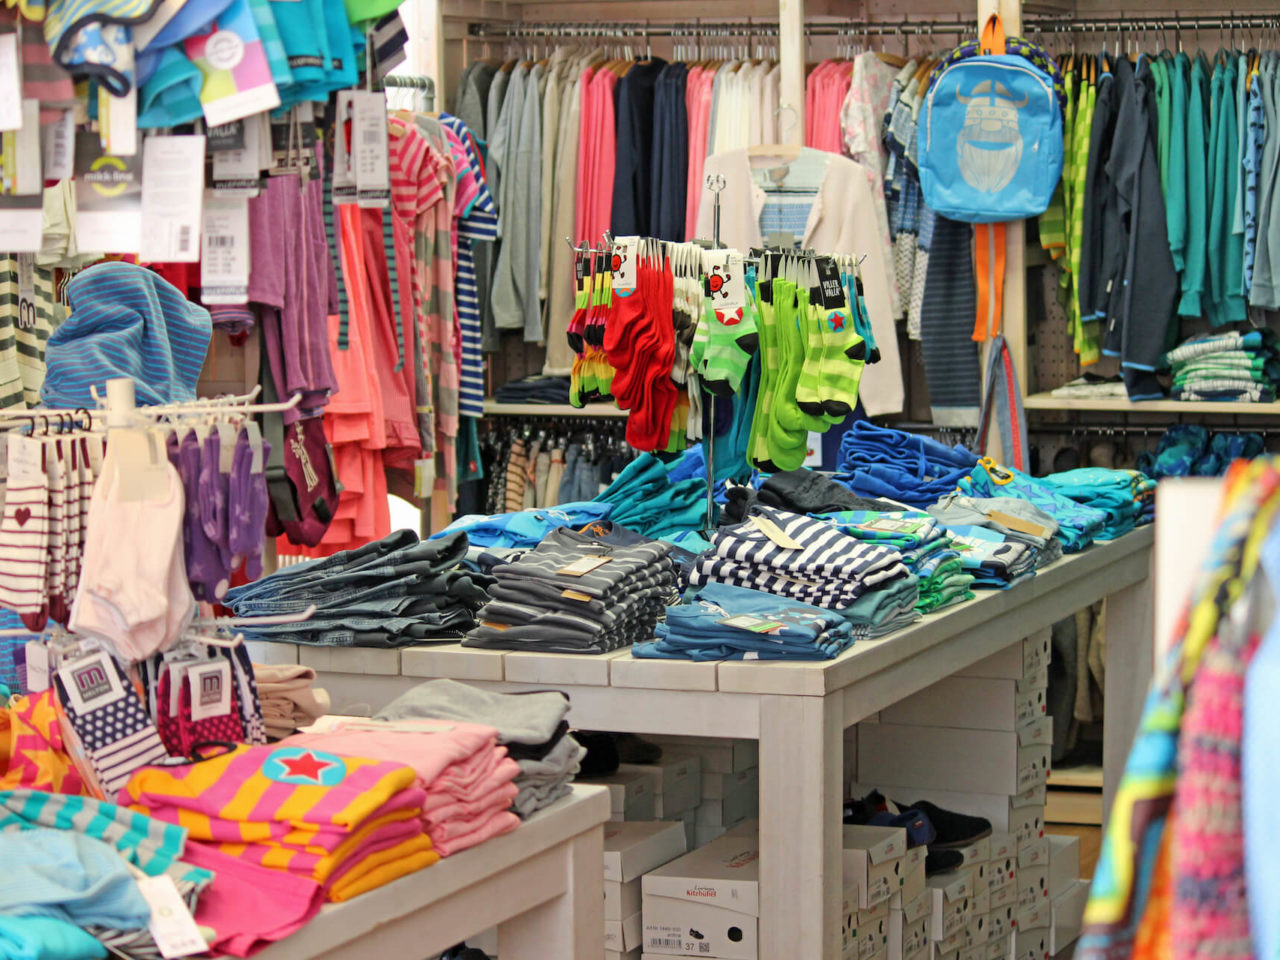 Blick ins das Fachgeschäft Elli & Mai in Lüneburg mit vielen nachhaltig produzierter Kleidung für Babys, Kinder und Mütter